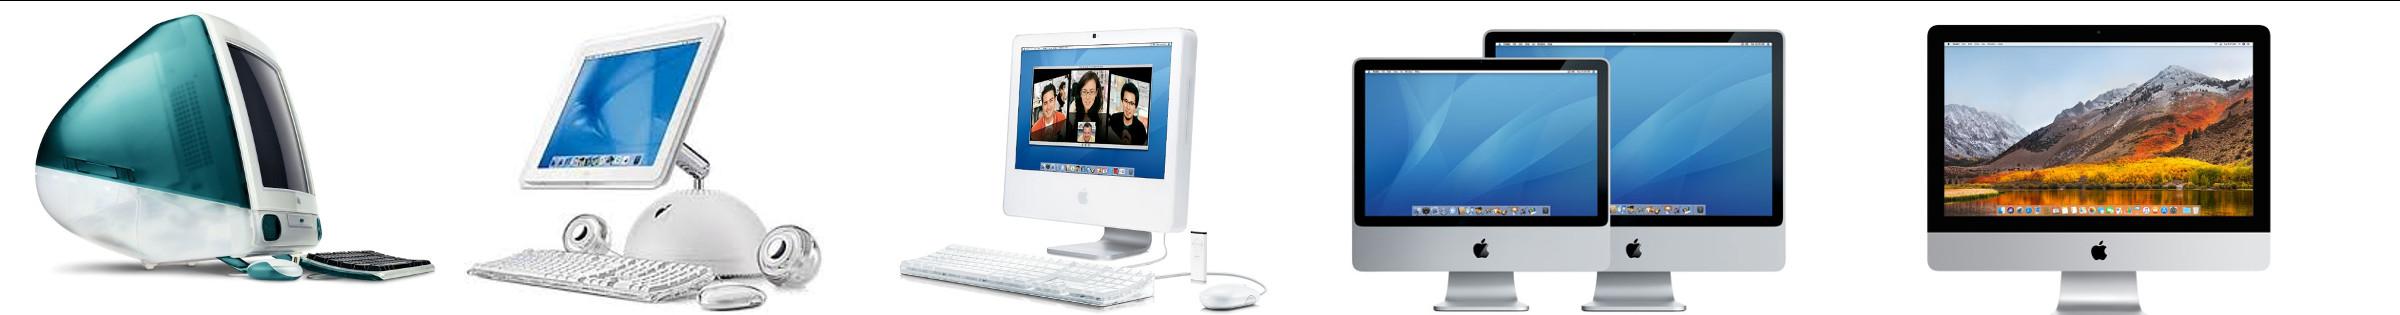 iMac repairs in Penrith